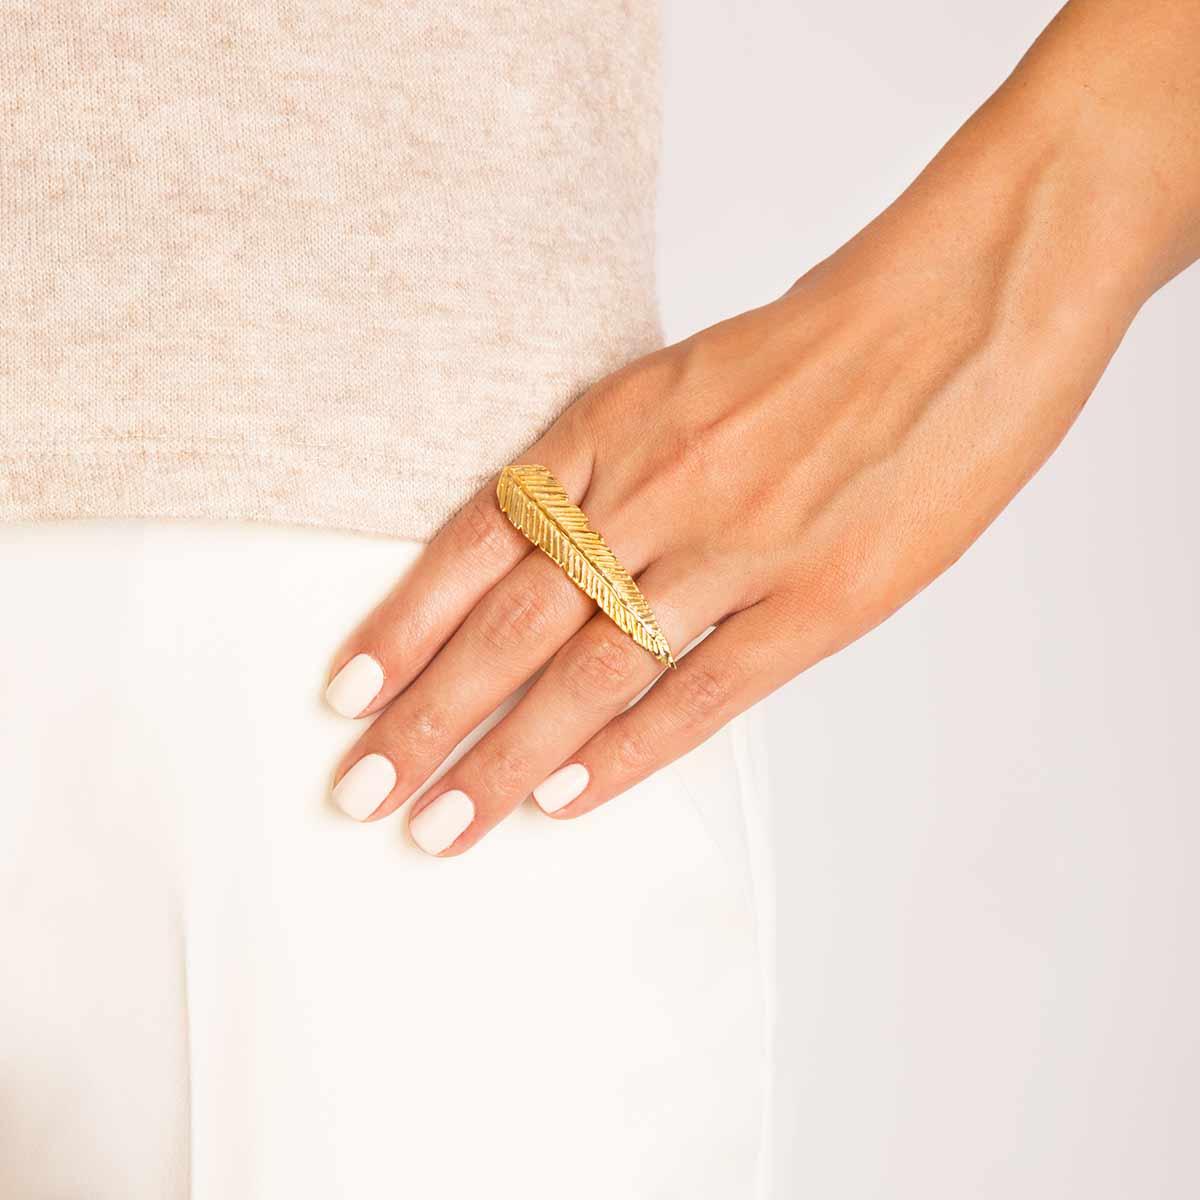 انگشتر طلا پر سه انگشتی پرسته